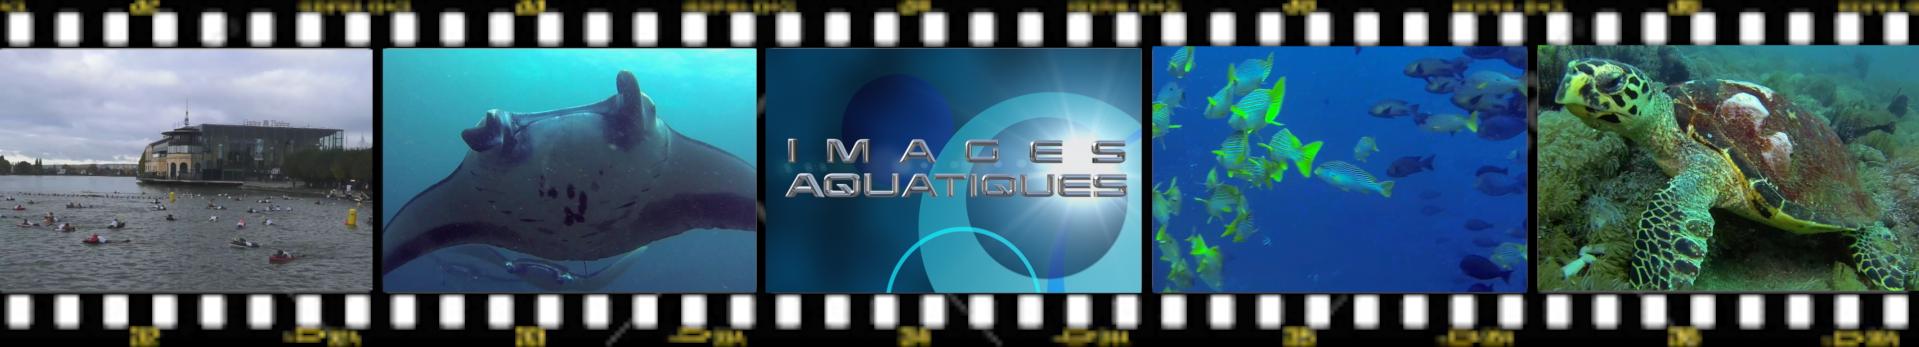 Images aquatiques